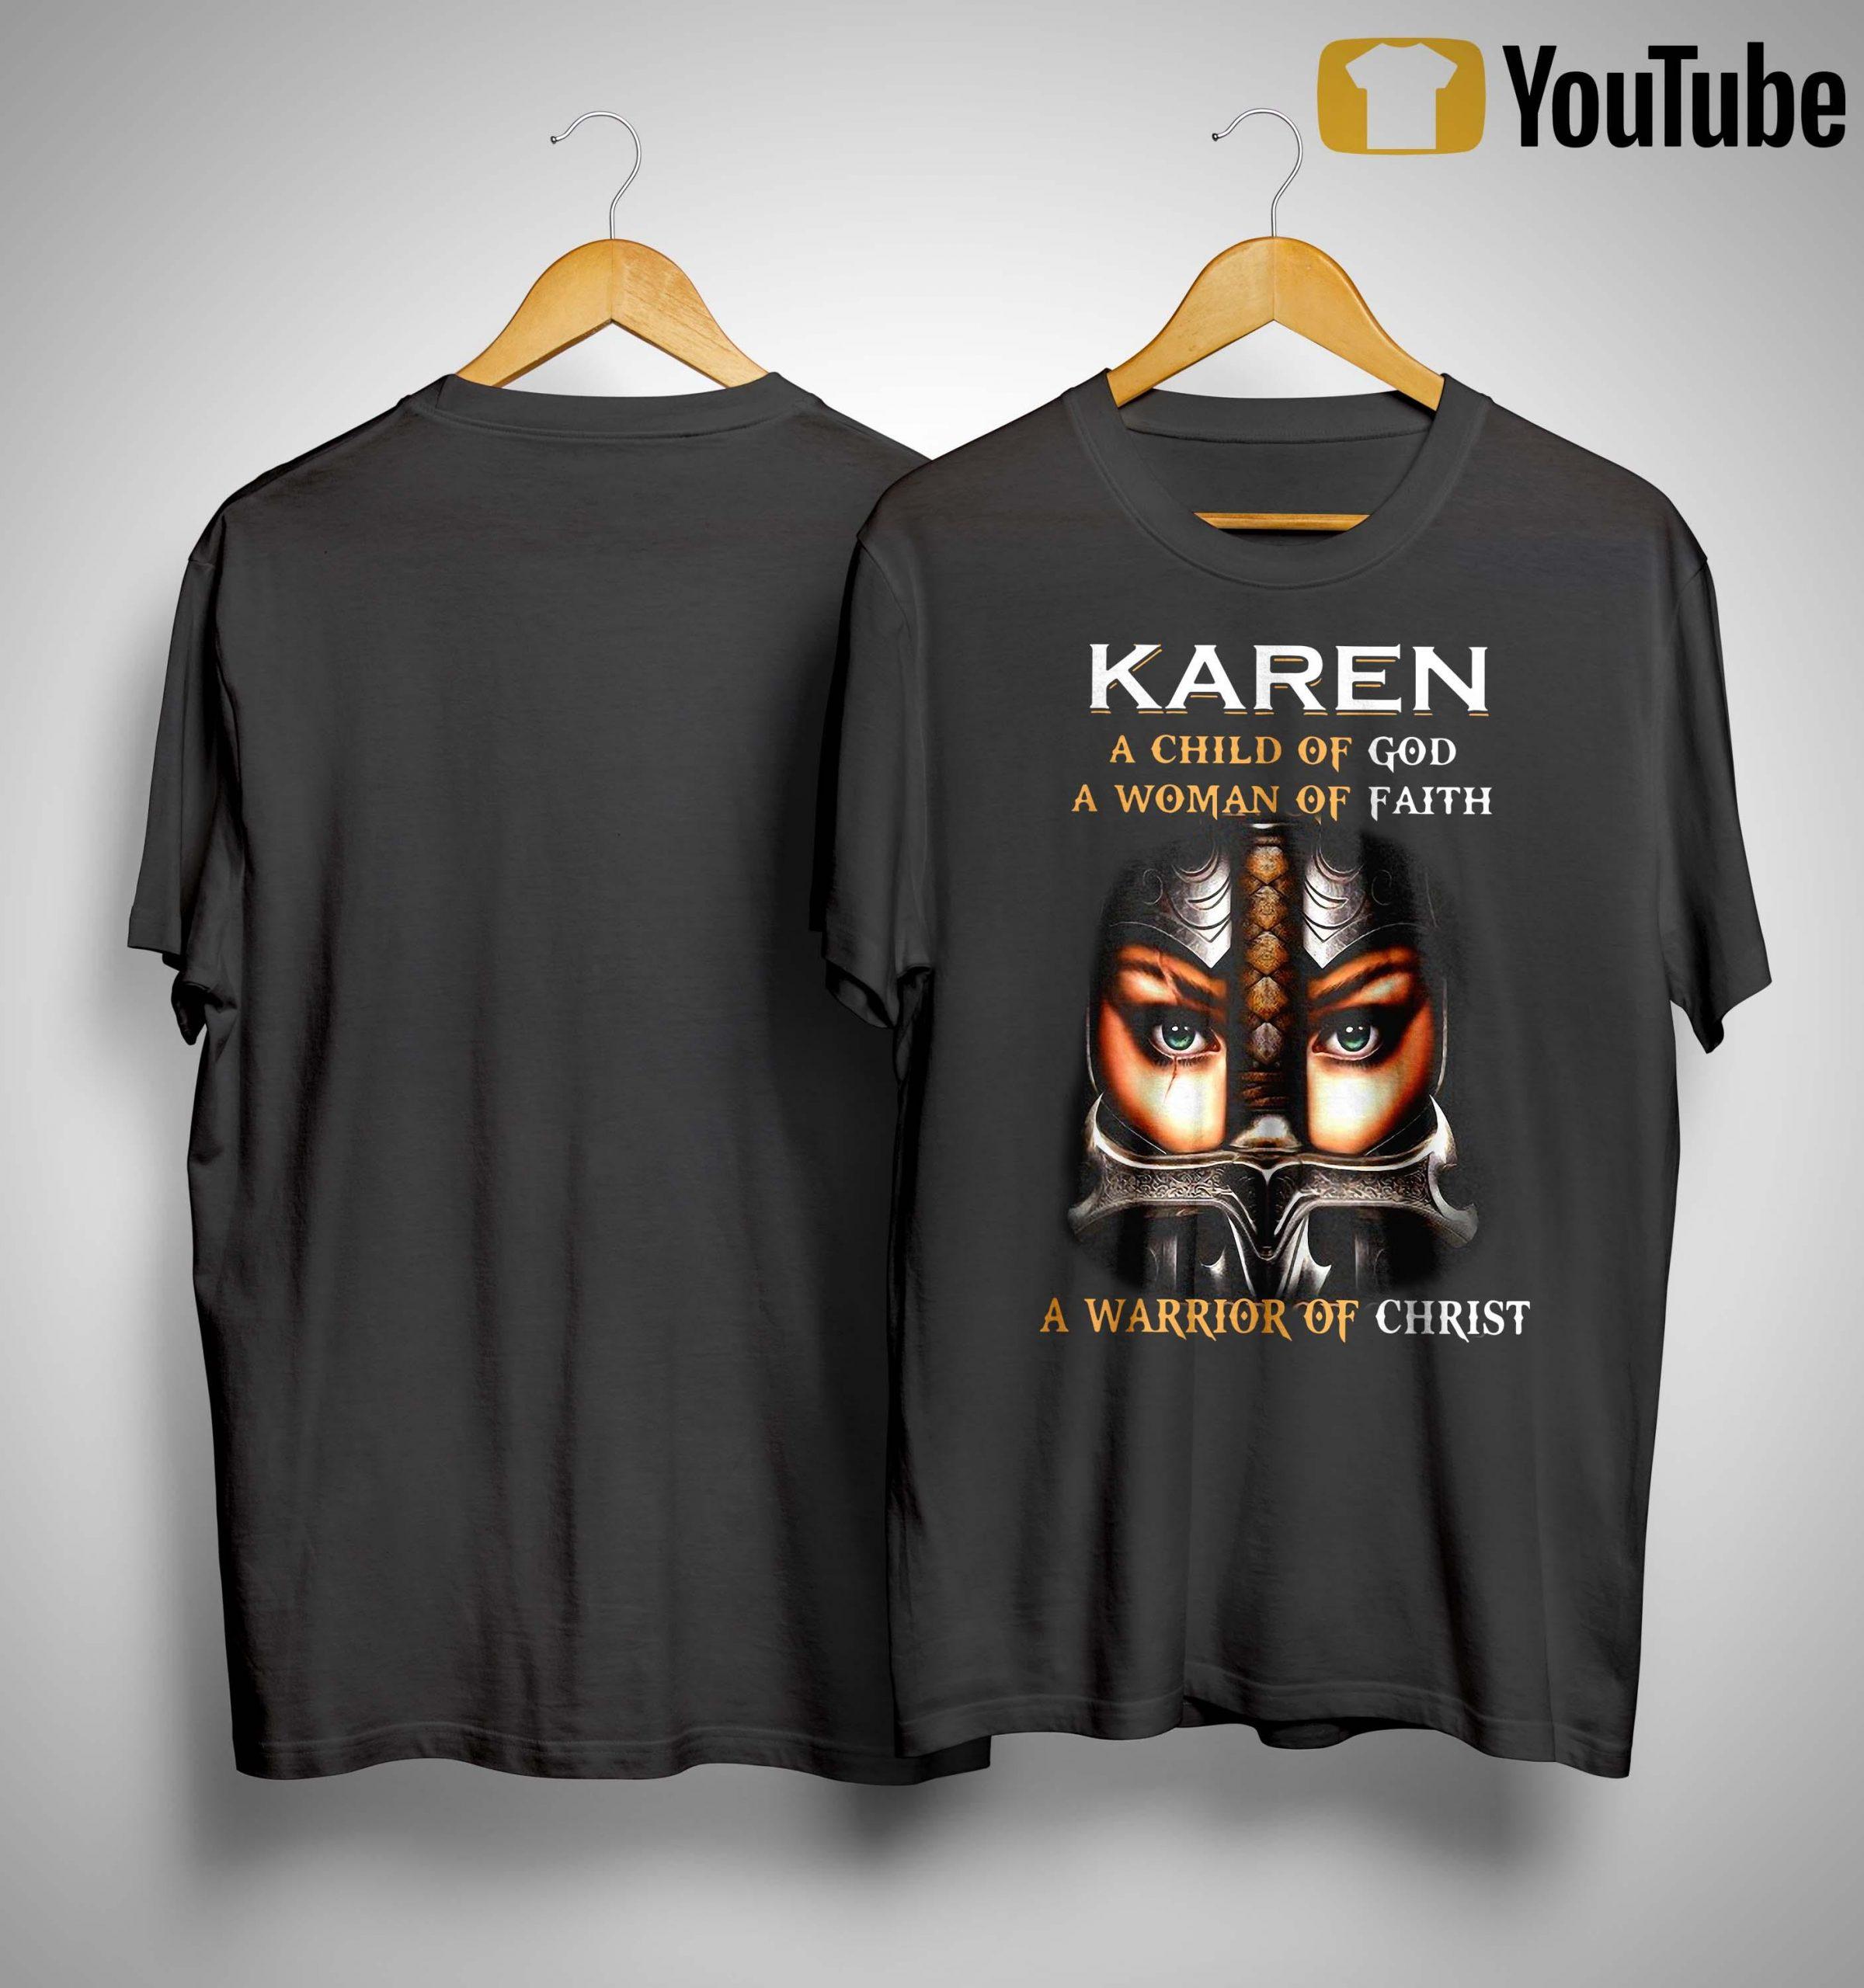 Karen A Child Of God A Woman Of Faith A Warrior Of Christ Shirt